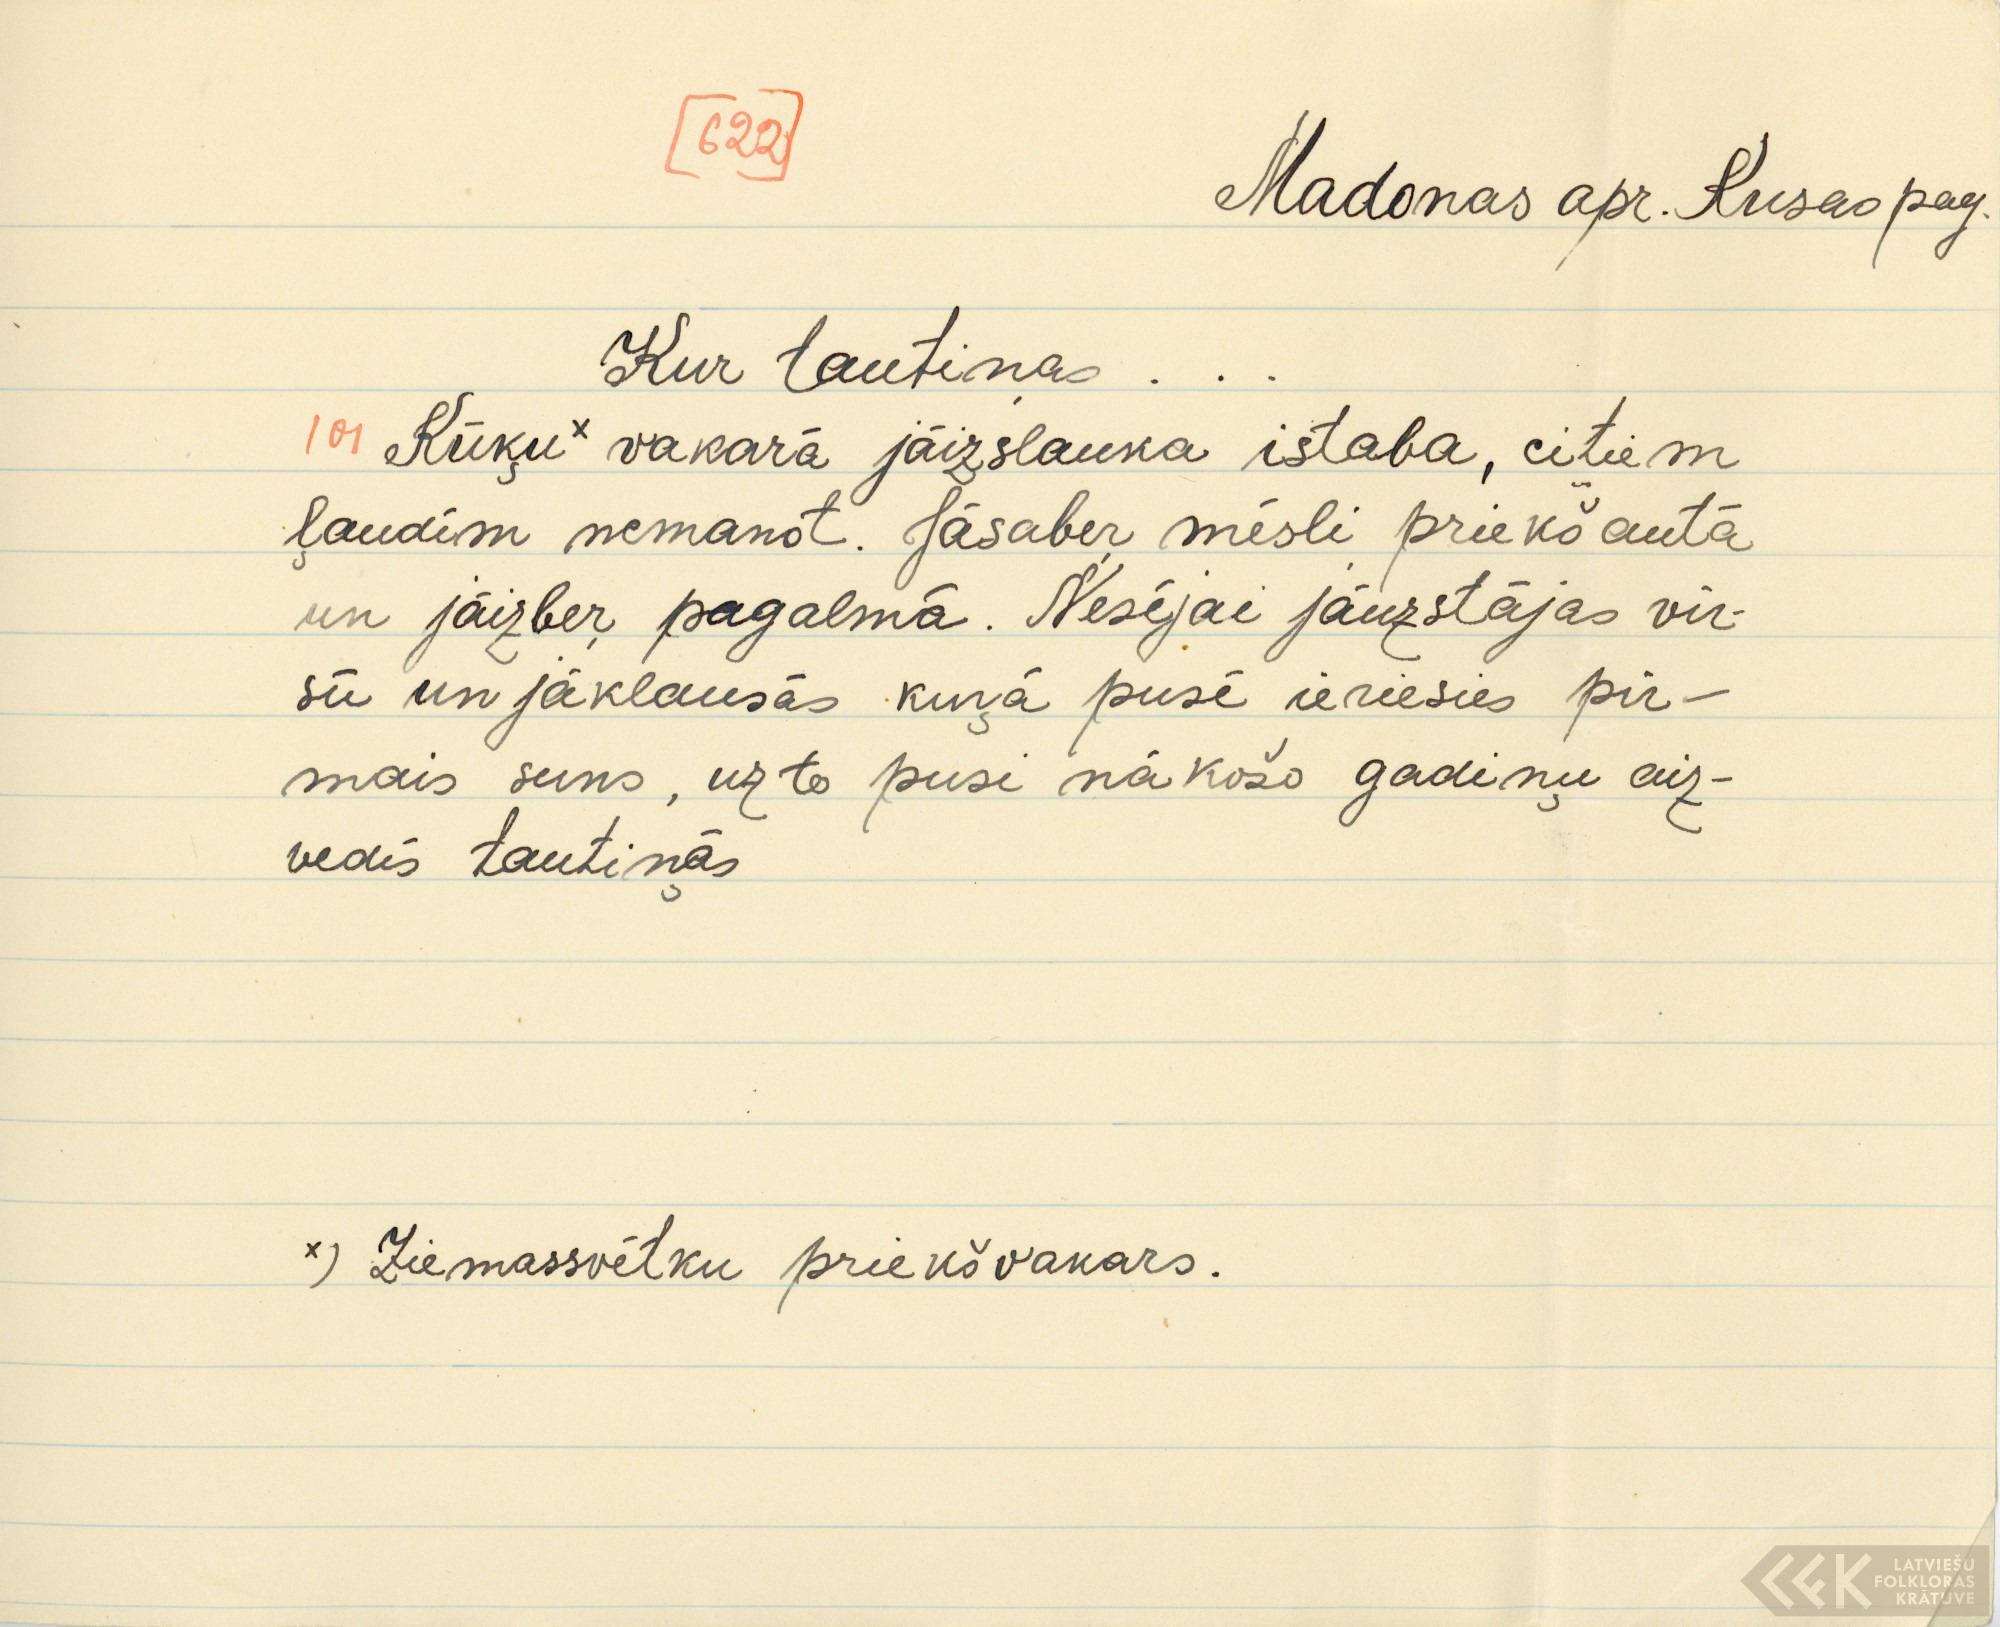 0622-Vila-Olava-komercskola-01-0032